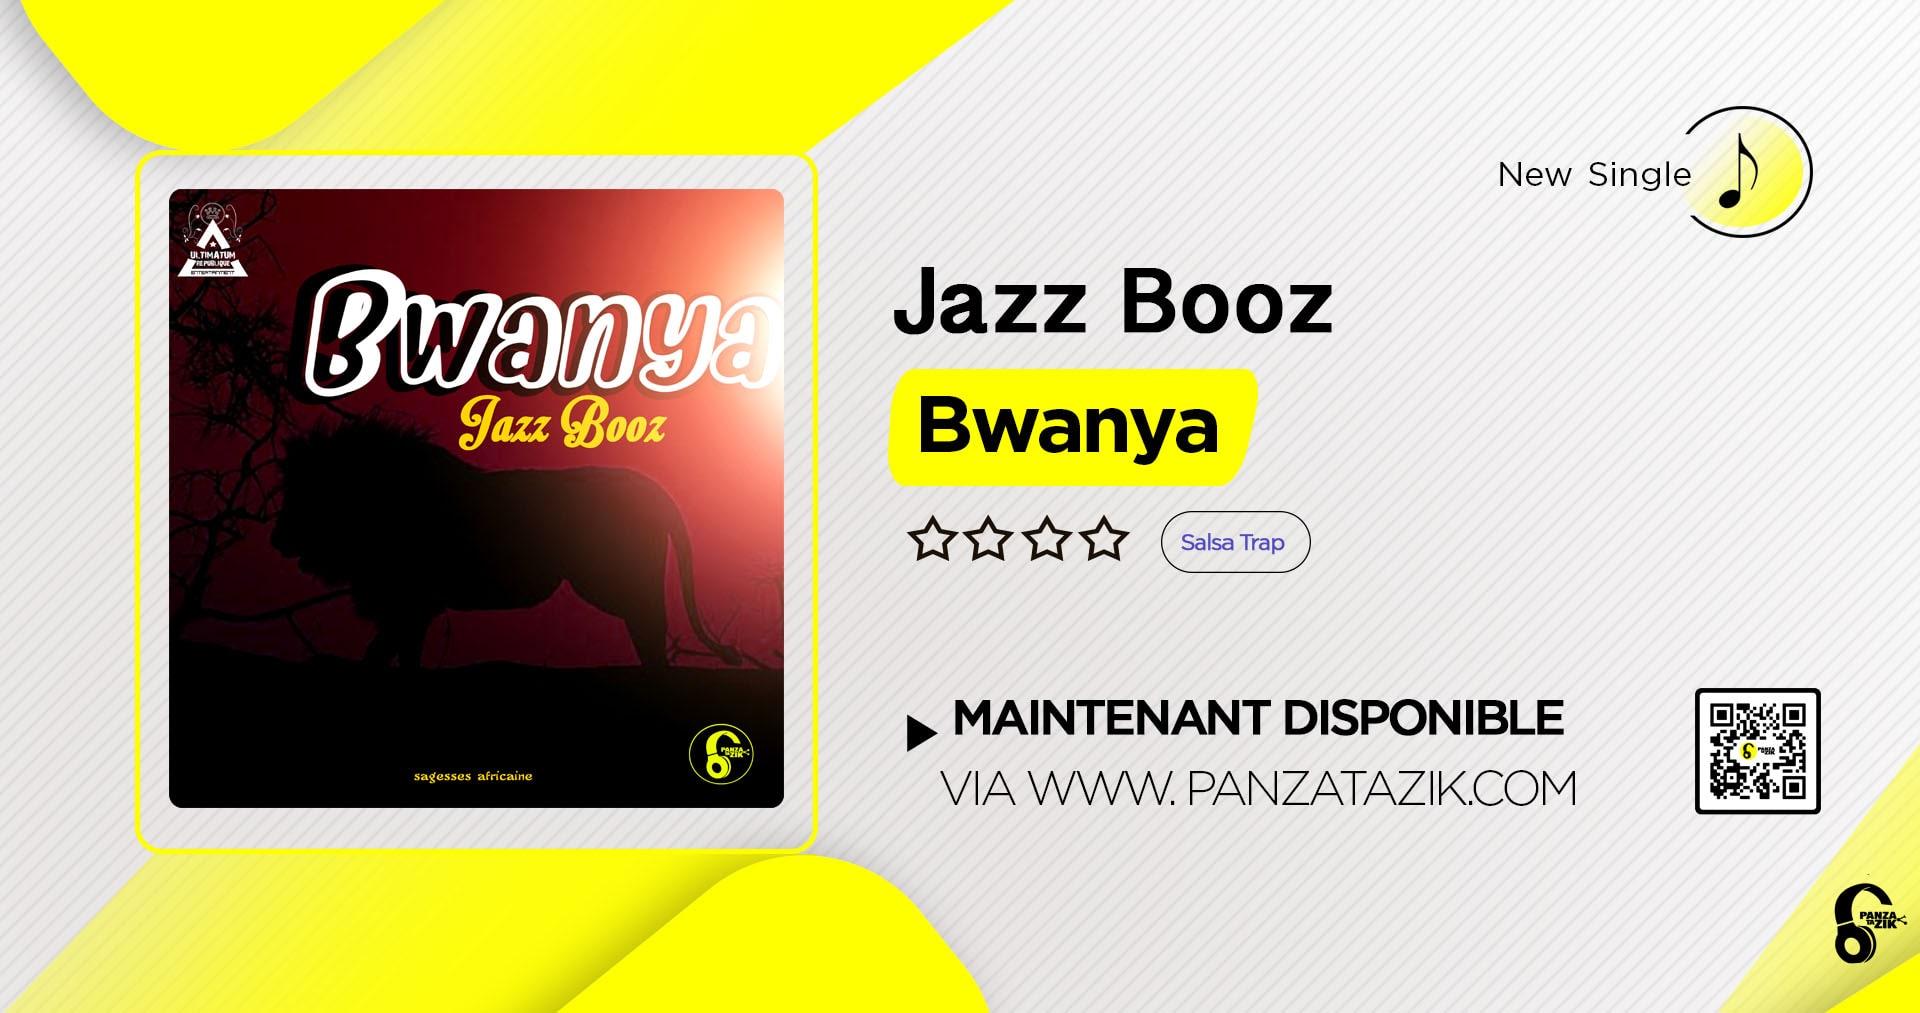 Jazz Booz – Bwanya (nouveau single)